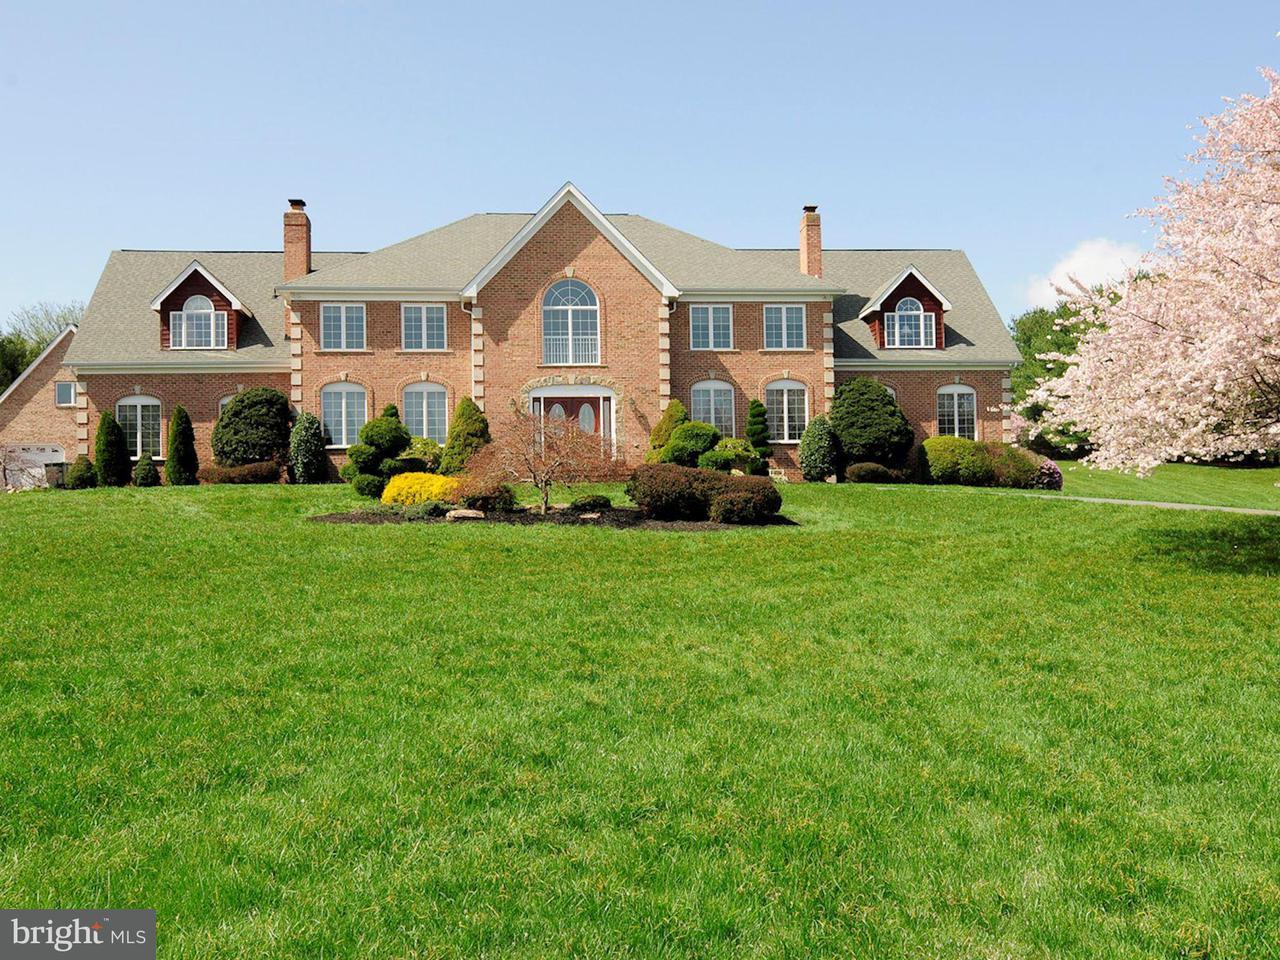 一戸建て のために 売買 アット 5919 CLIFTON OAKS Drive 5919 CLIFTON OAKS Drive Clarksville, メリーランド 21029 アメリカ合衆国